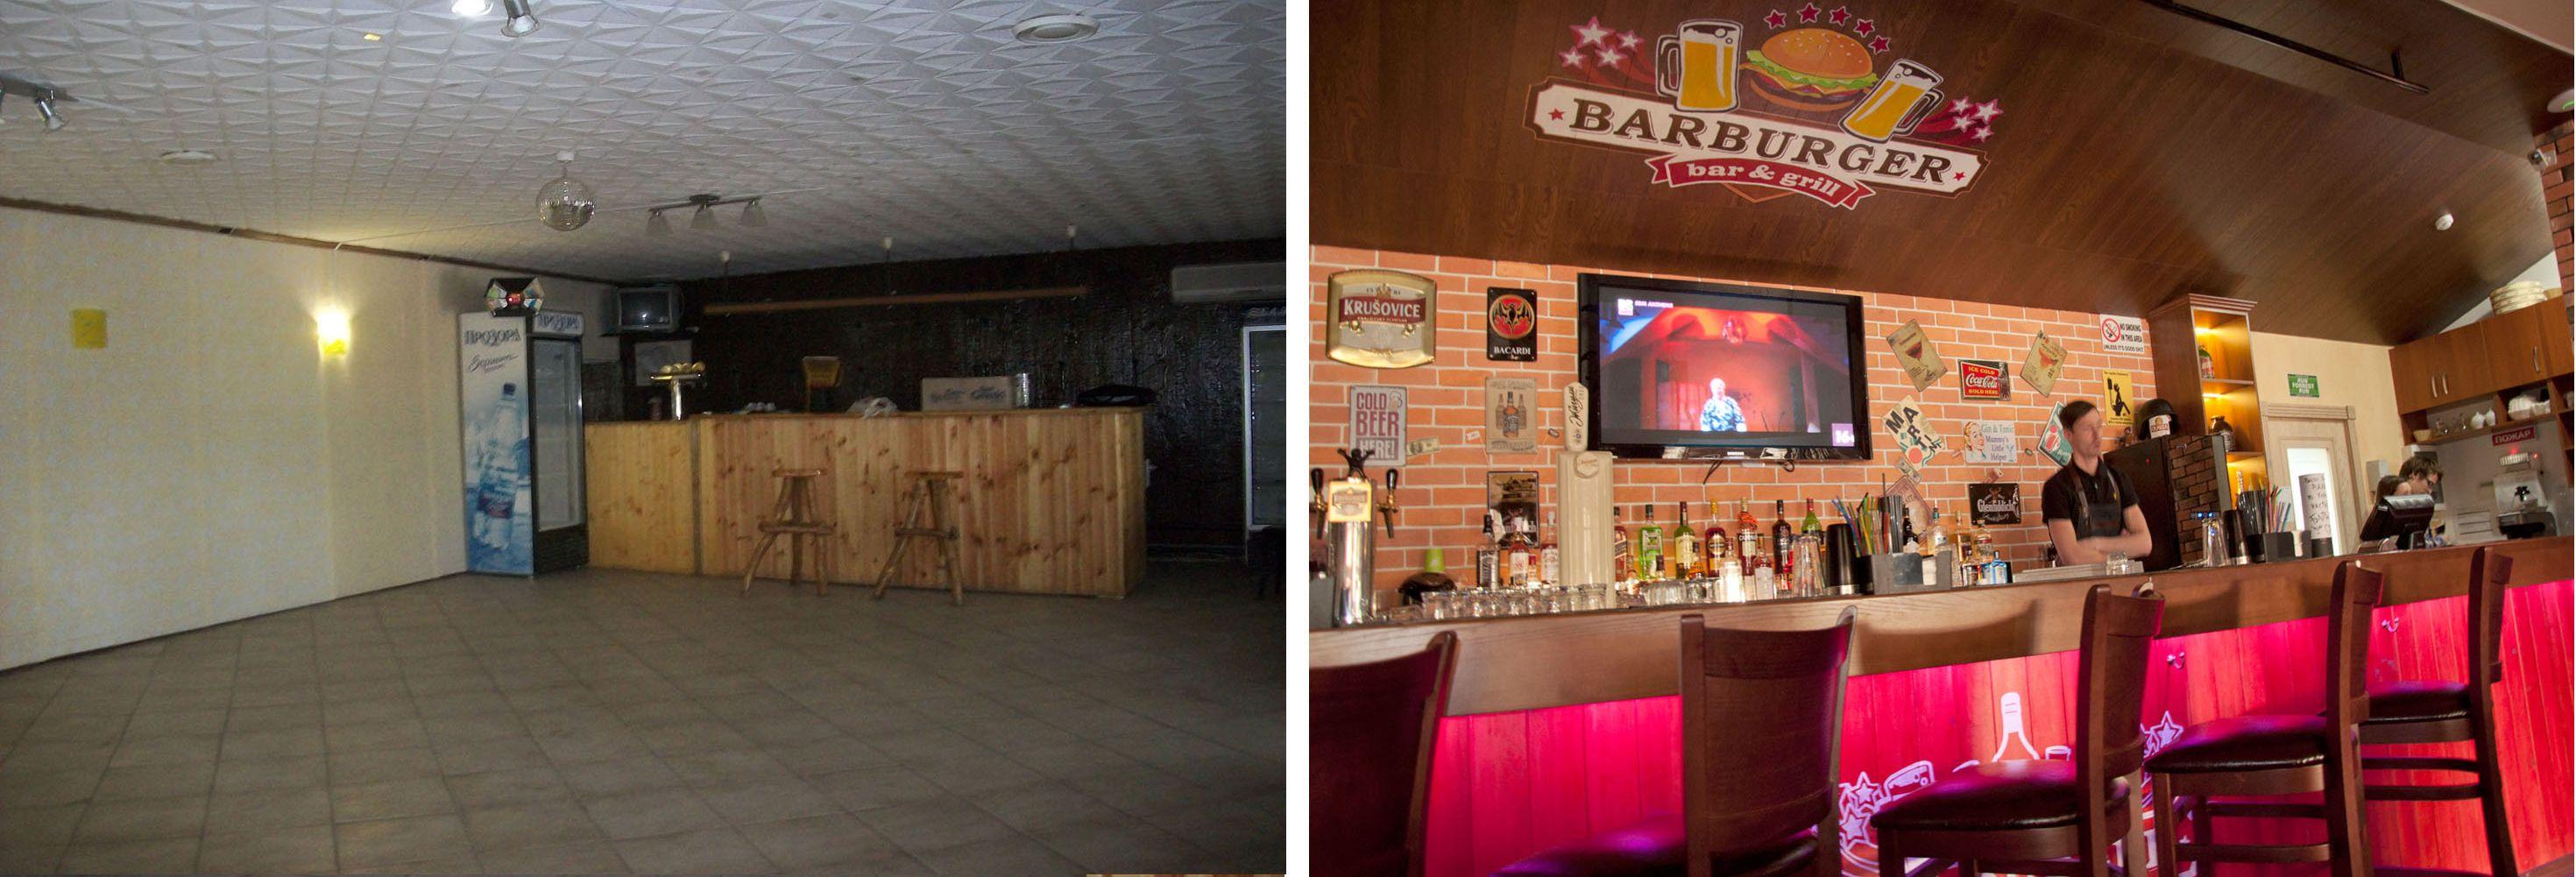 Дизайн барной стойки кафе Барбургер До и После